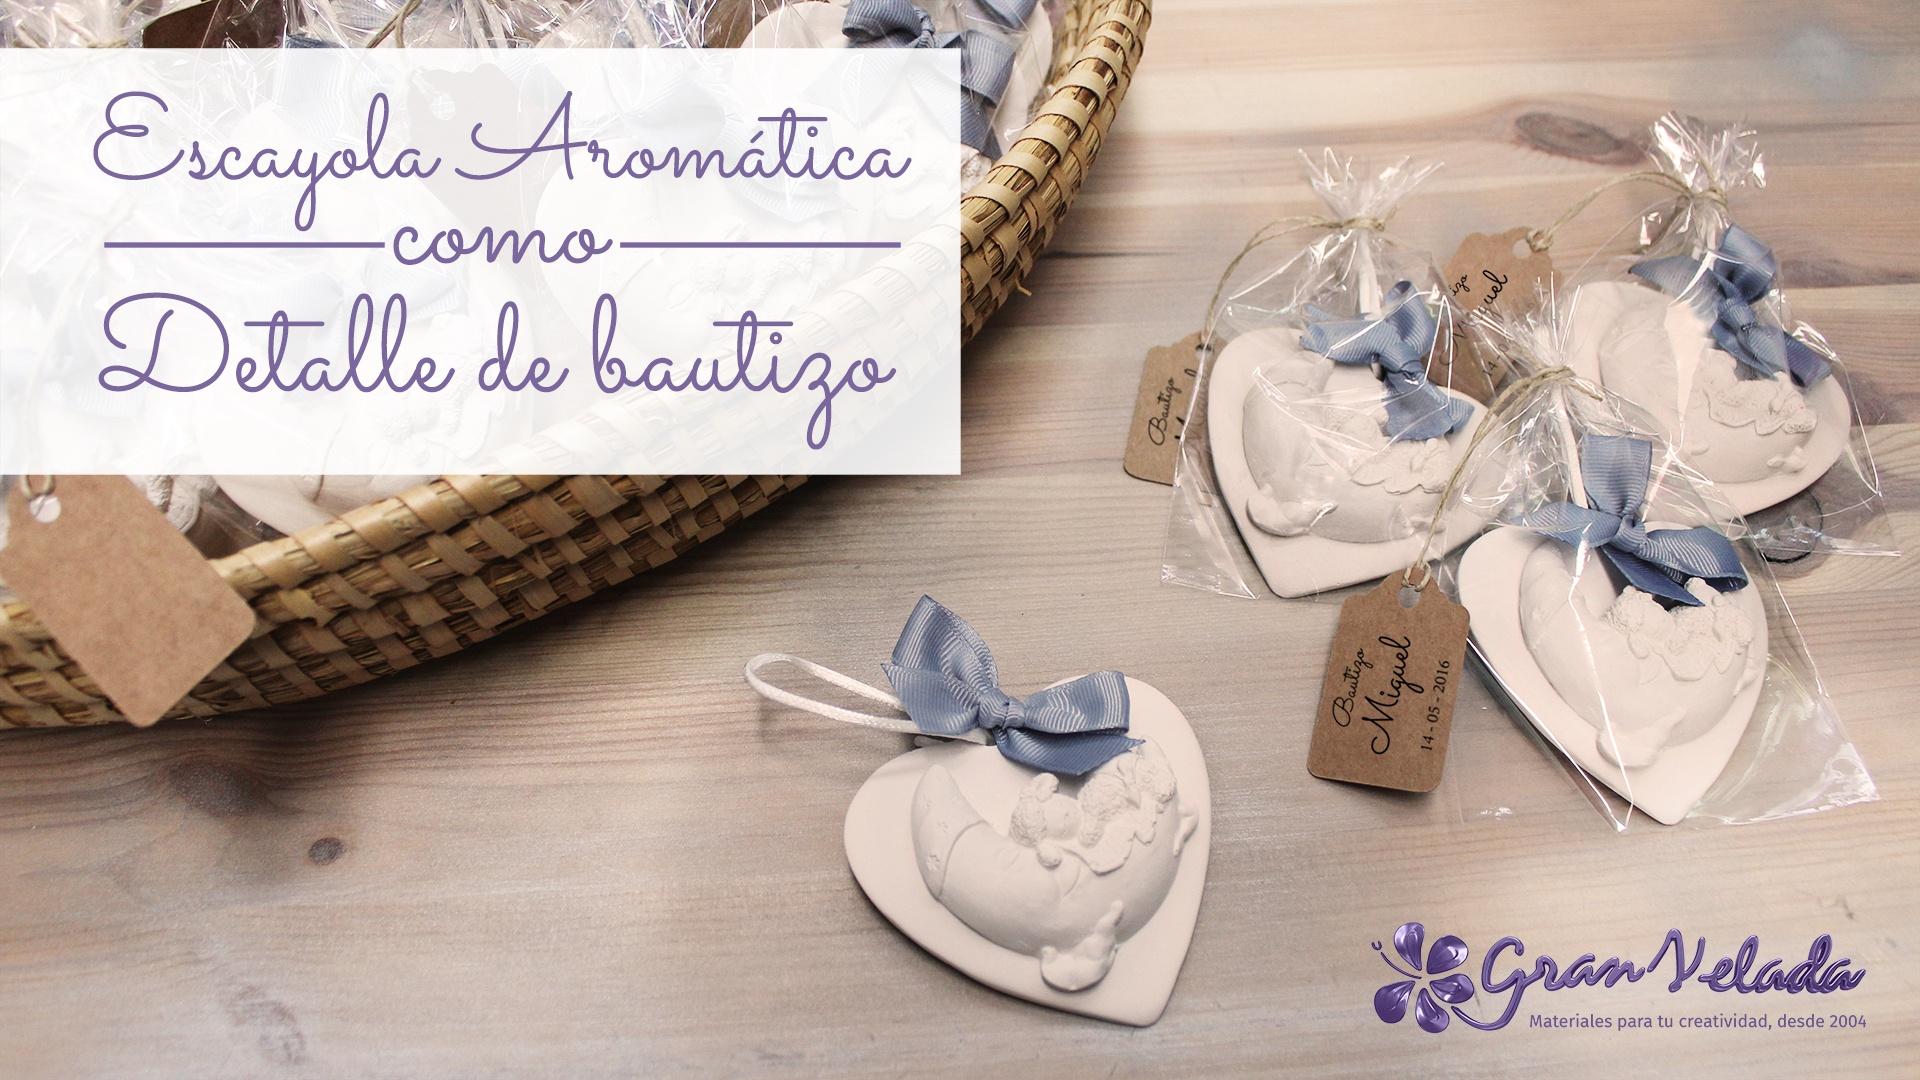 Escayola arom tica como detalle de bautizo - Detalles de ganchillo para regalar ...